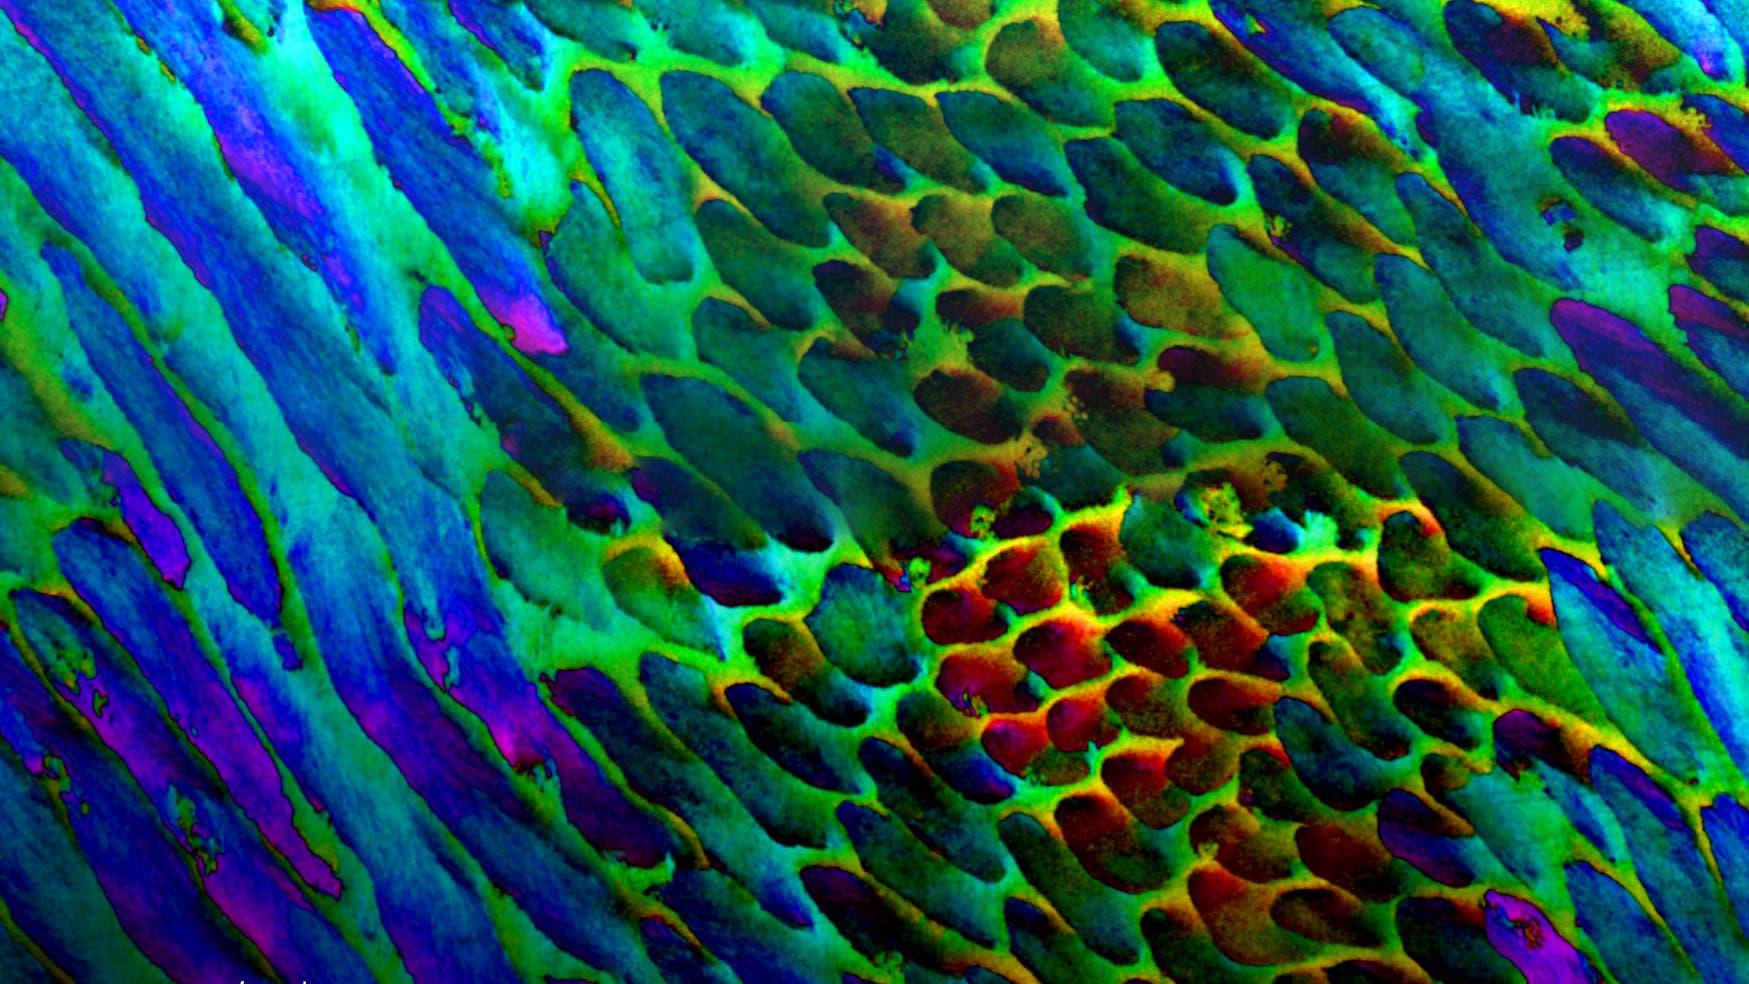 Ein farbcodiertes Bild, in dem die verschiedenen Farben die Ausrichtung feinster Kristalle anzeigen